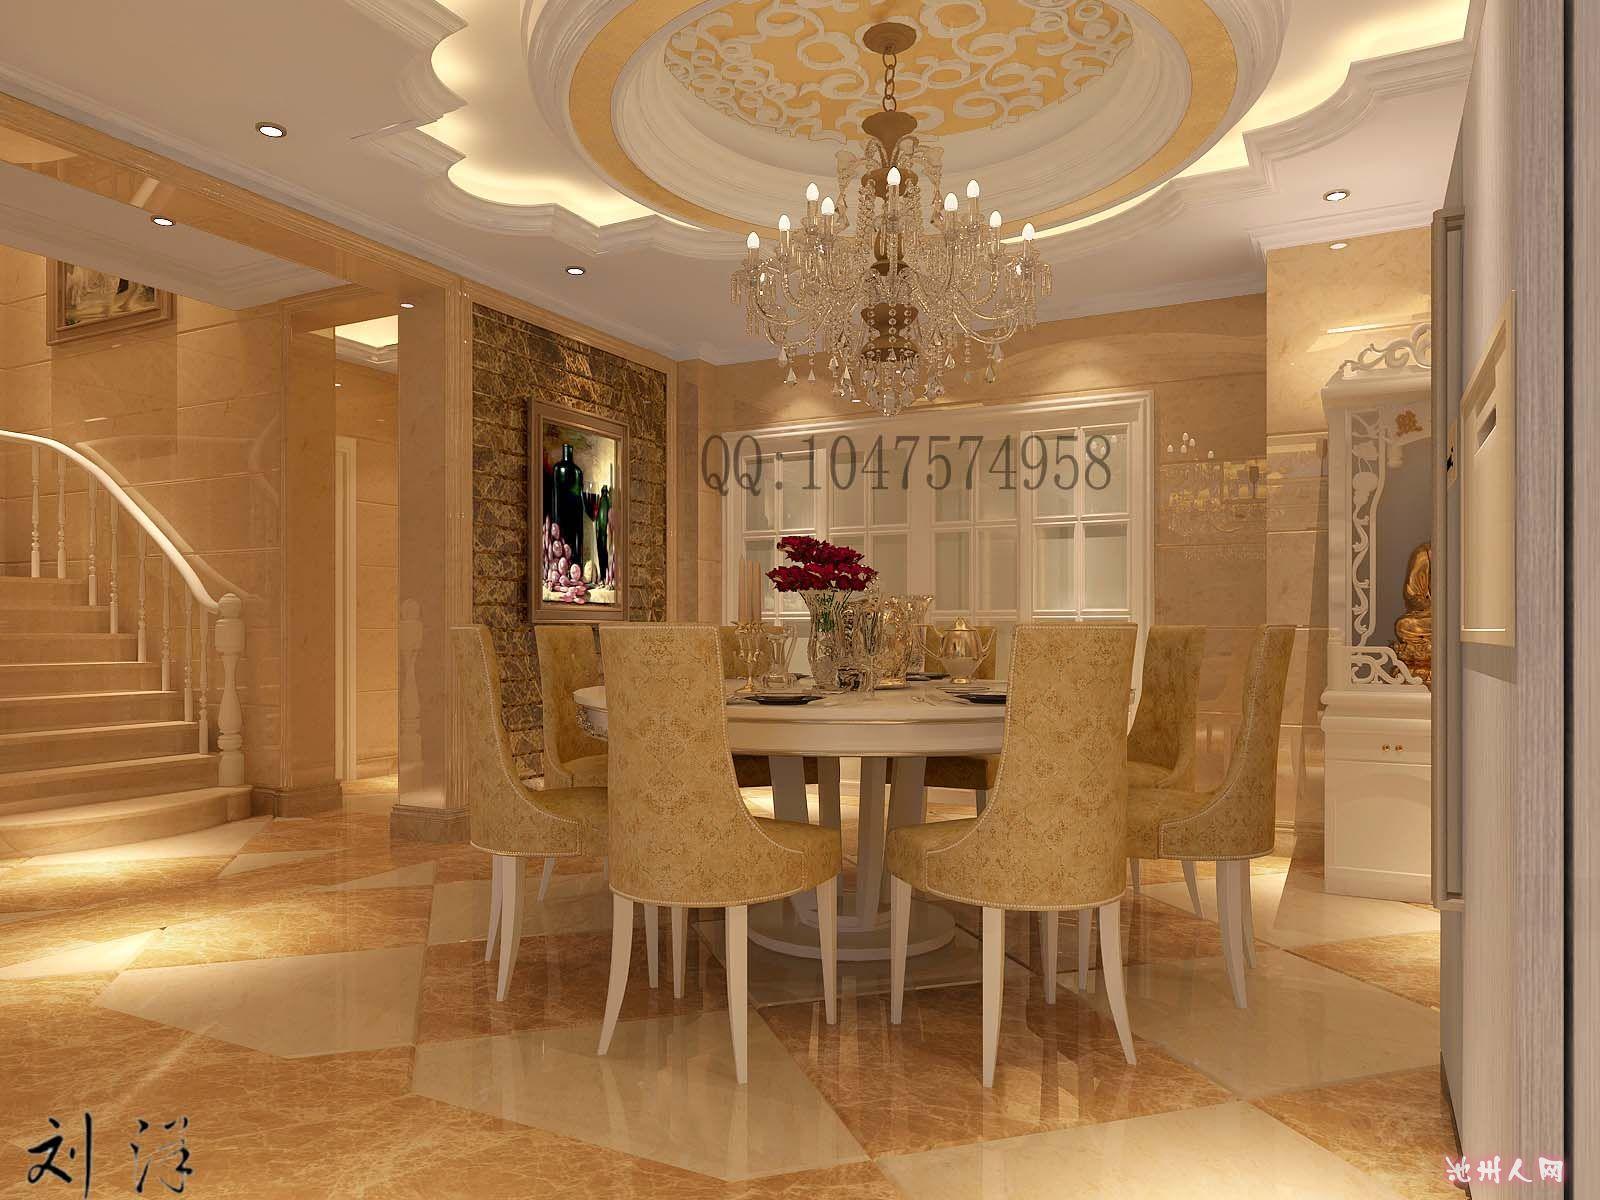 260平米欧式别墅装修施工中 欢迎讨论